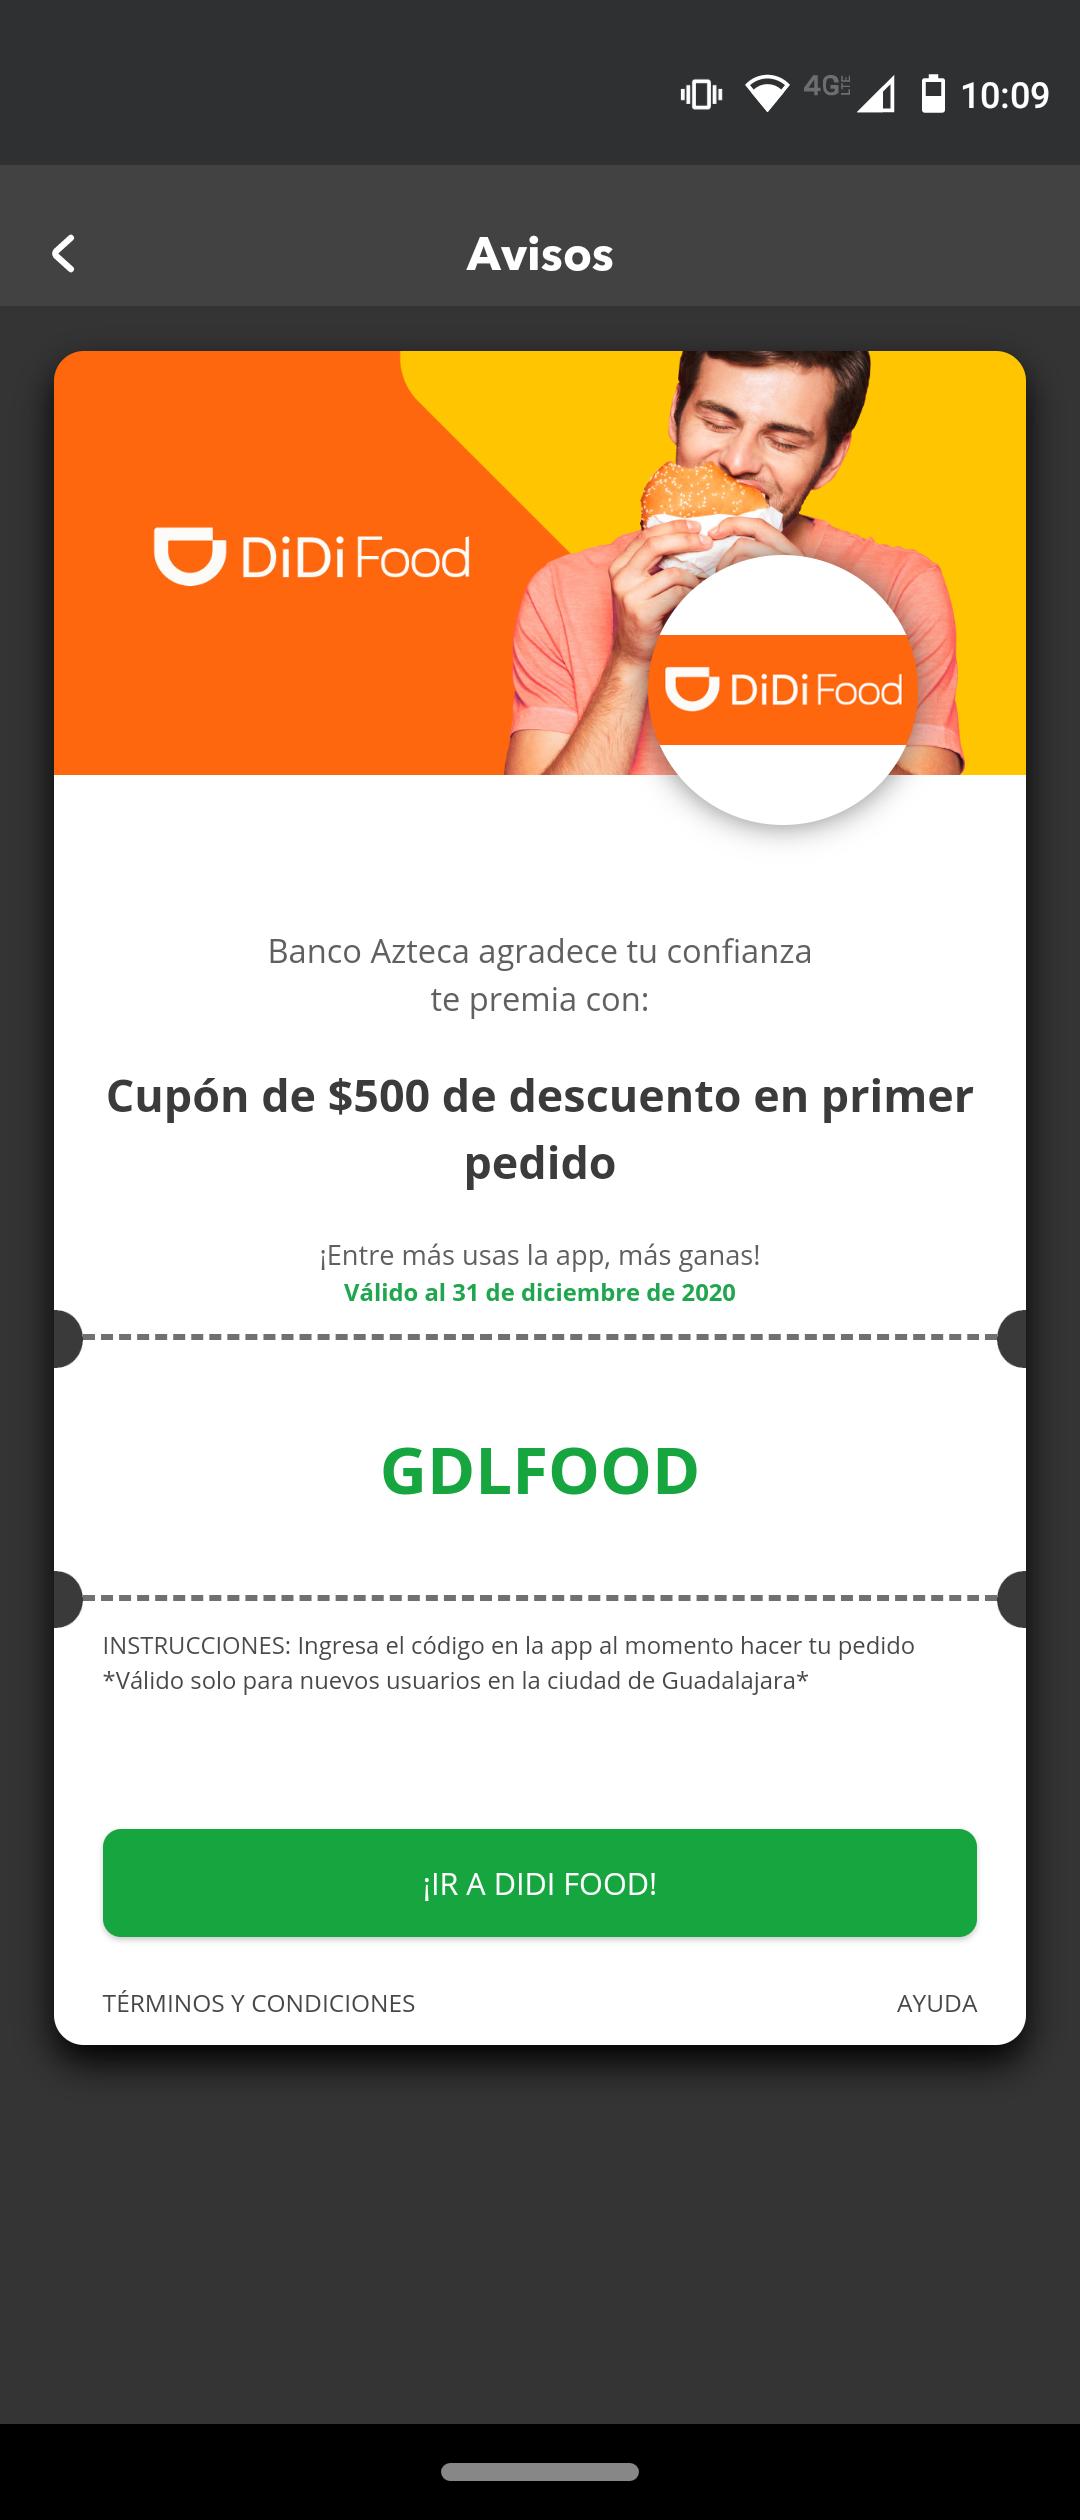 DiDi Food: $500 de descuento primer pedido